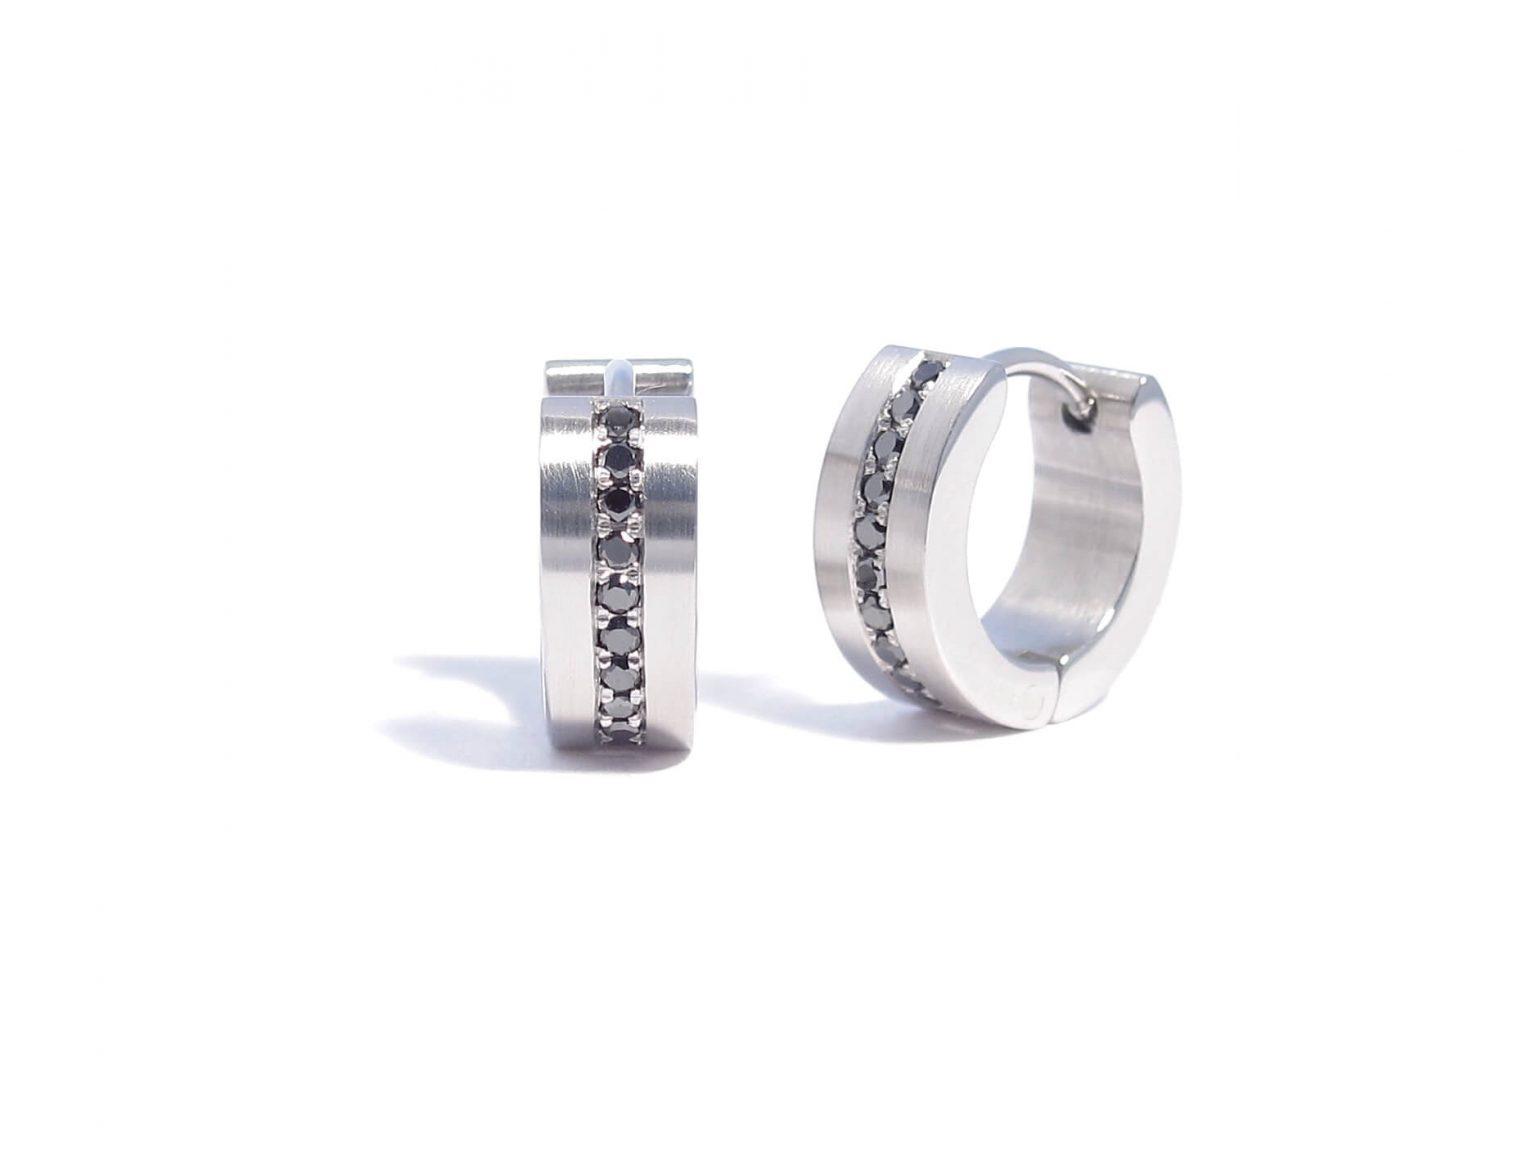 black diamond and steel earrings